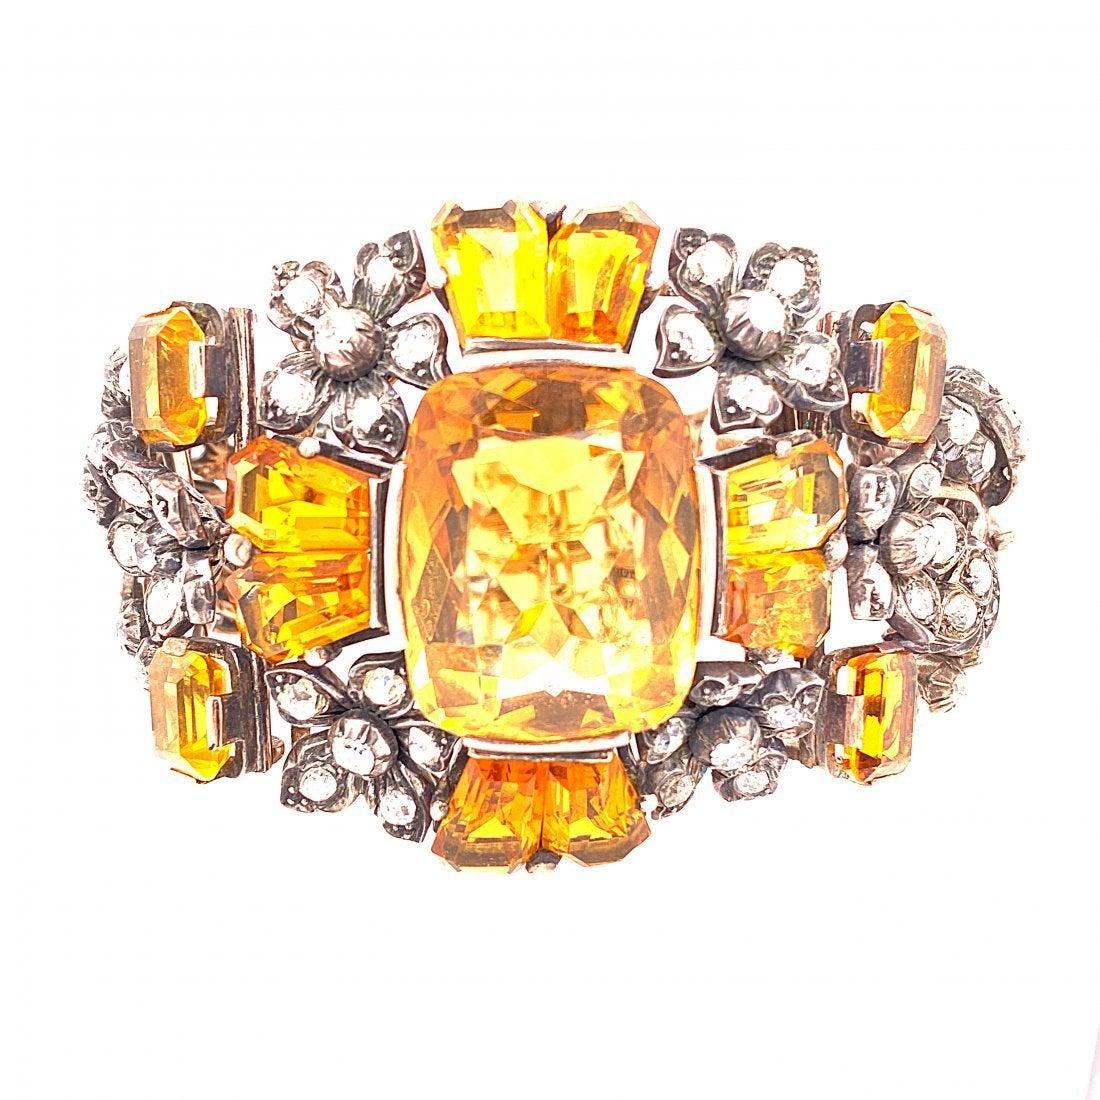 14K Gold, Silver, Diamonds & Citrine Bracelet